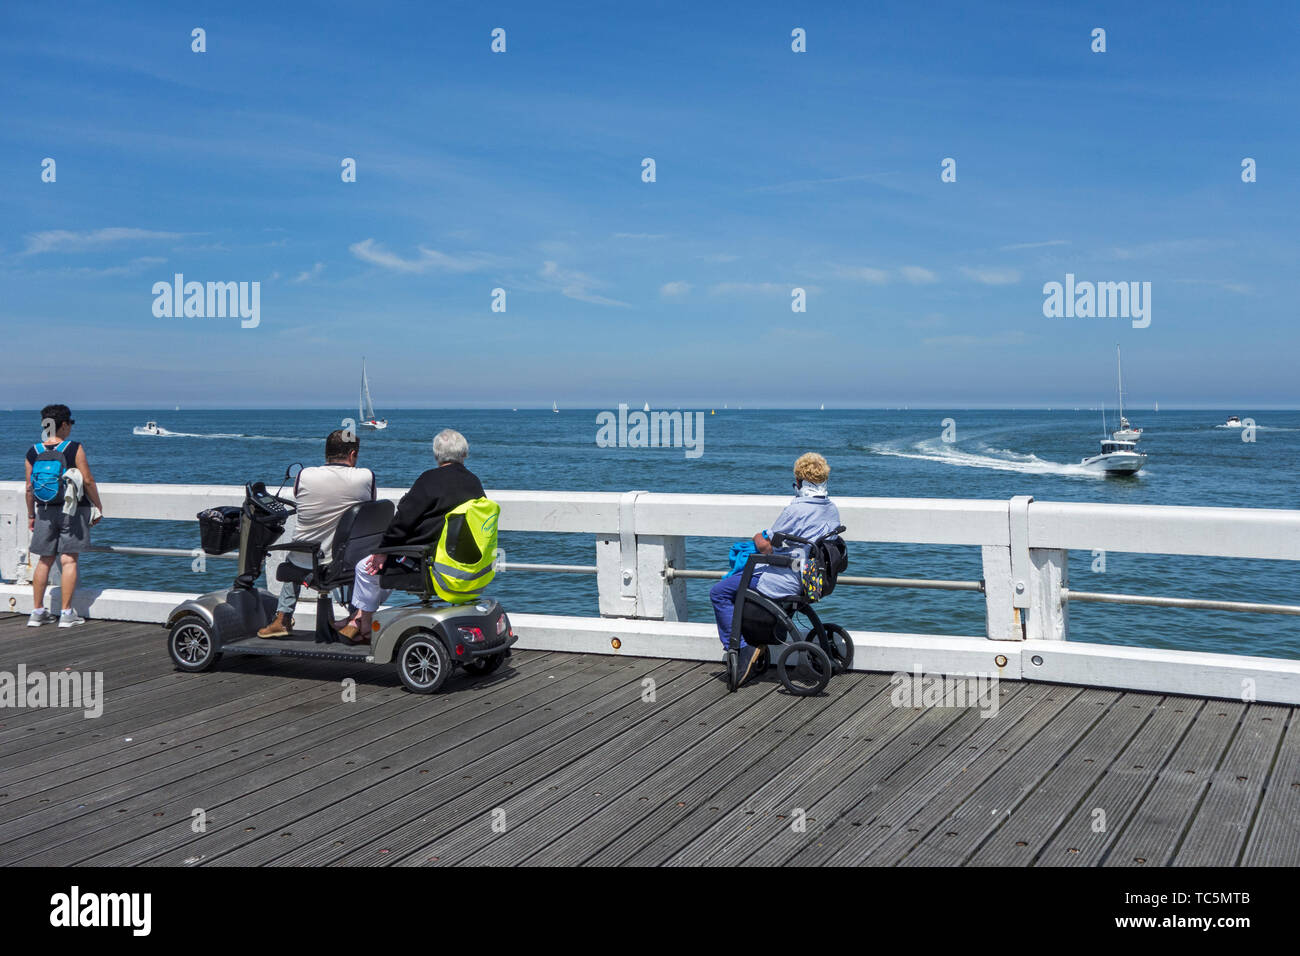 Donna disabile in carrozzina e per persone handicappate in duo due persona scooter di mobilità a guardare le barche in mare dal jetty Immagini Stock